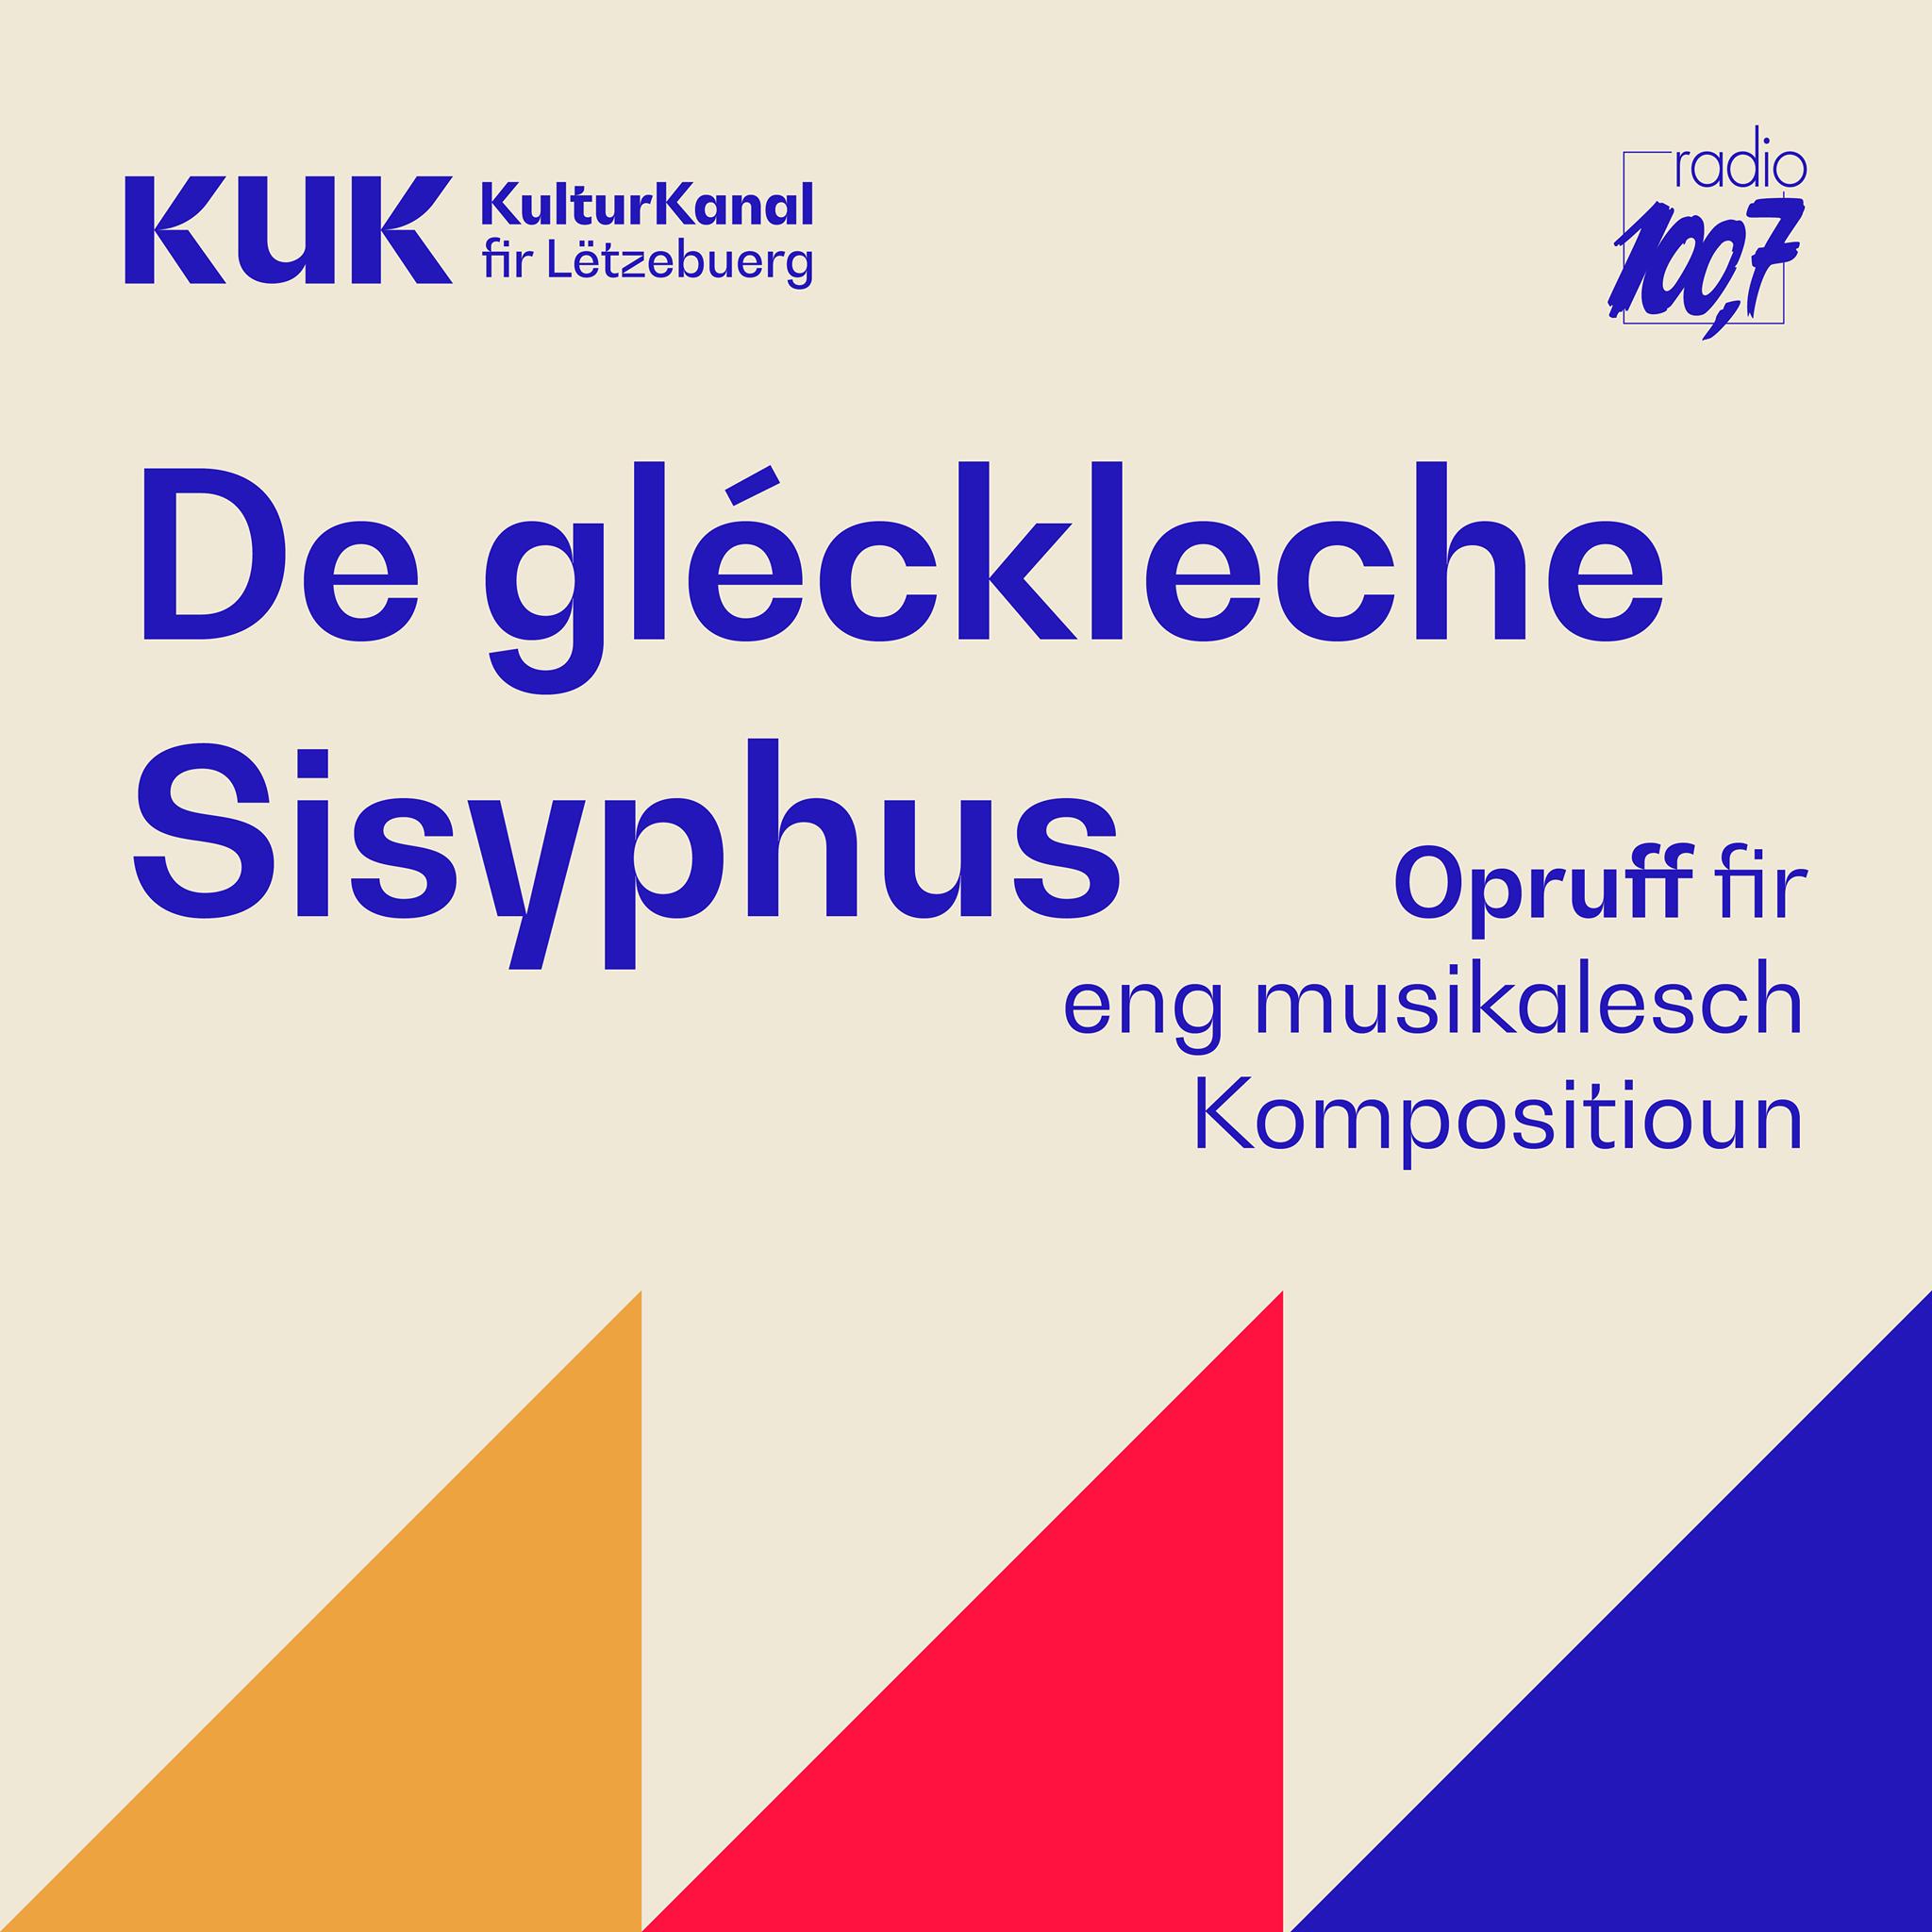 DE GLÉCKLECHE SISYPHUS - Opruff fir eng musikalesch Kompositioun